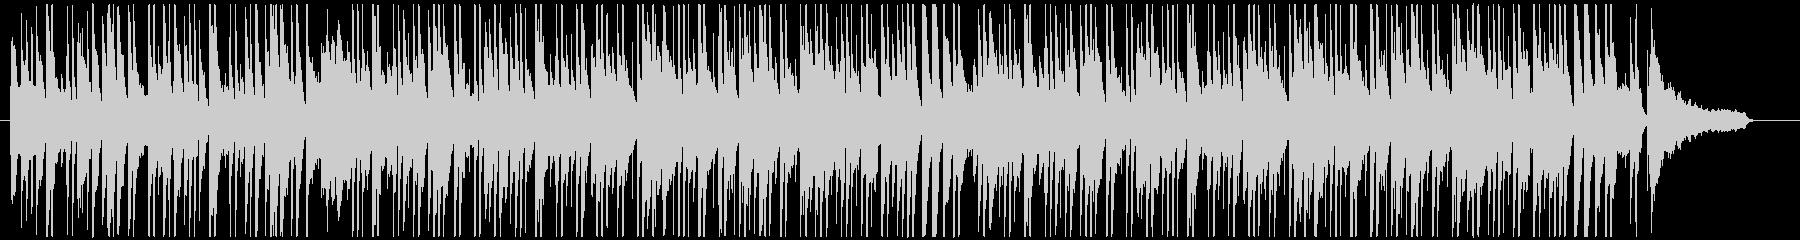 オシャレなラウンジ風のボサノバ(長め)の未再生の波形